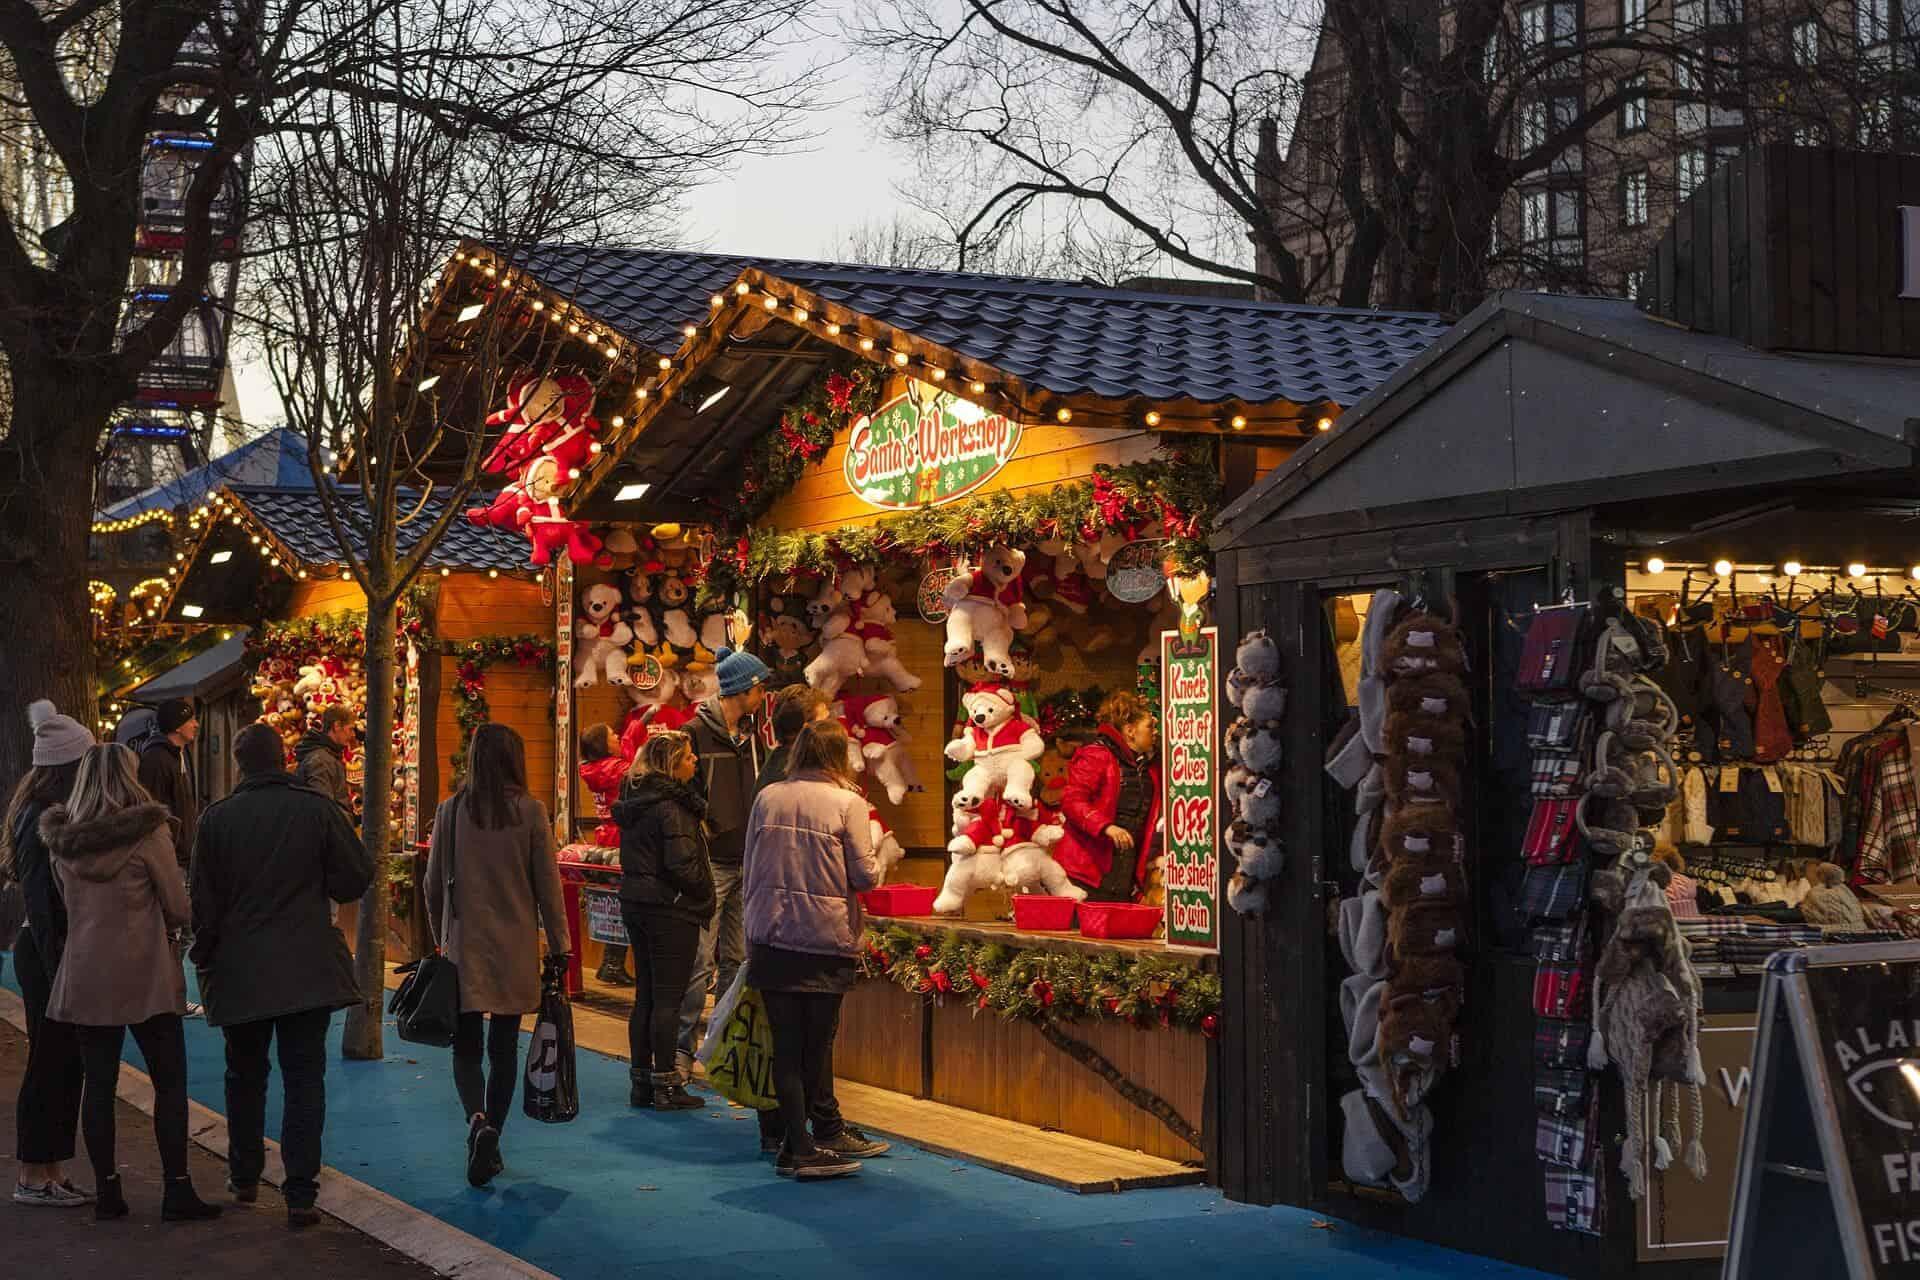 Santa's Grotto at a Christmas market